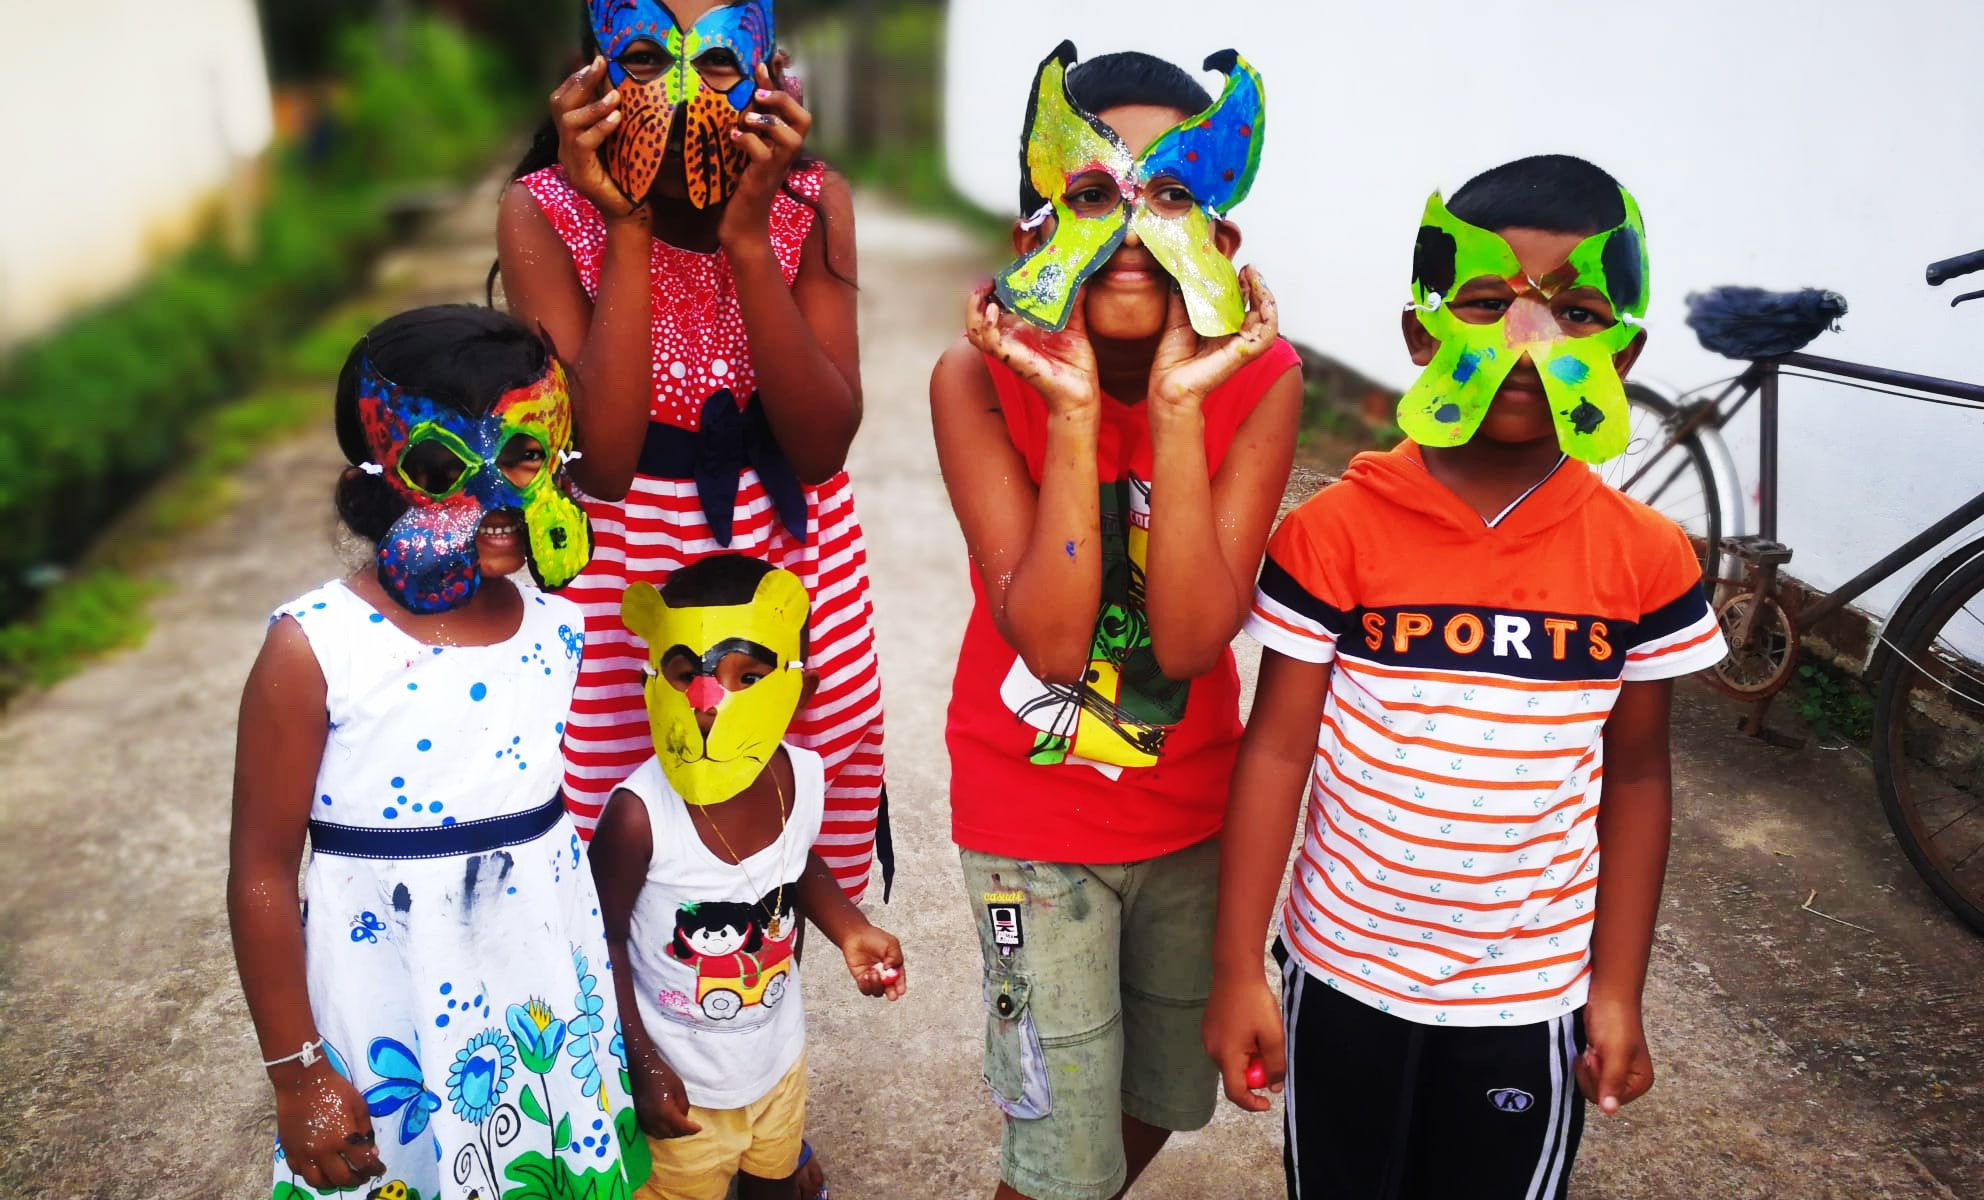 Bambini con maschere realizzate a mano